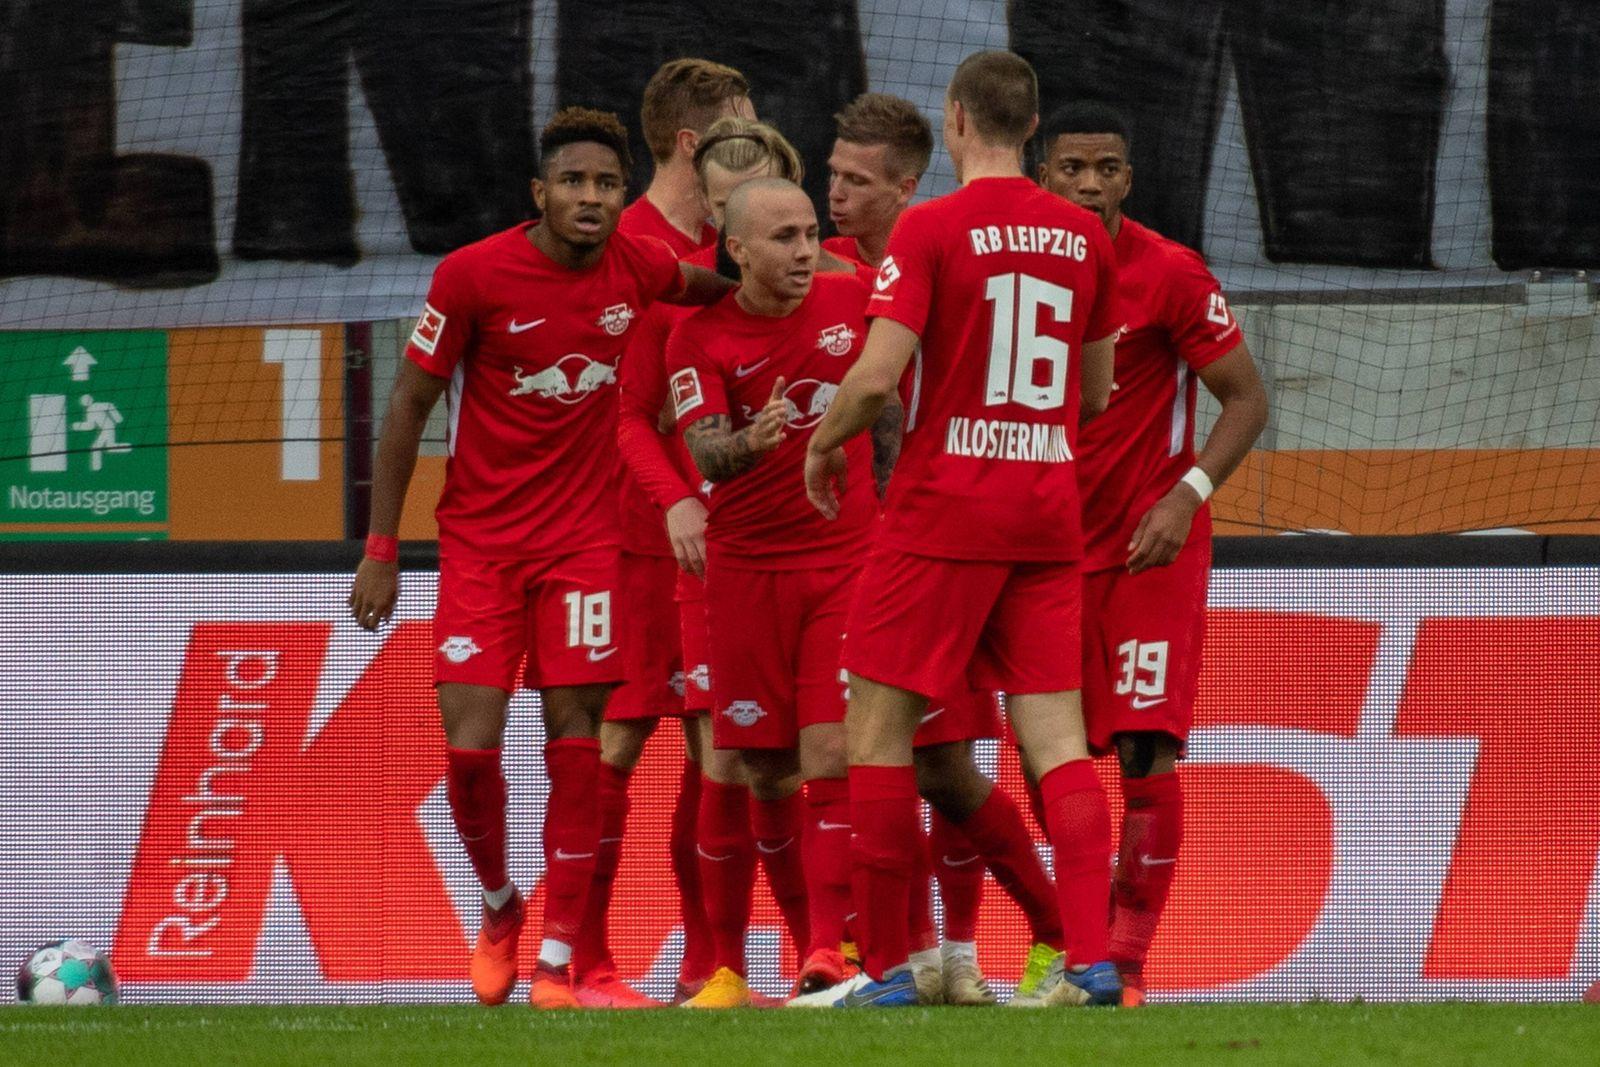 Torjubel RB Leipzig, FC Augsburg vs. RB Leipzig, 1. Bundesliga, 17.10.2020 DFB regulations prohibit any use of photogra